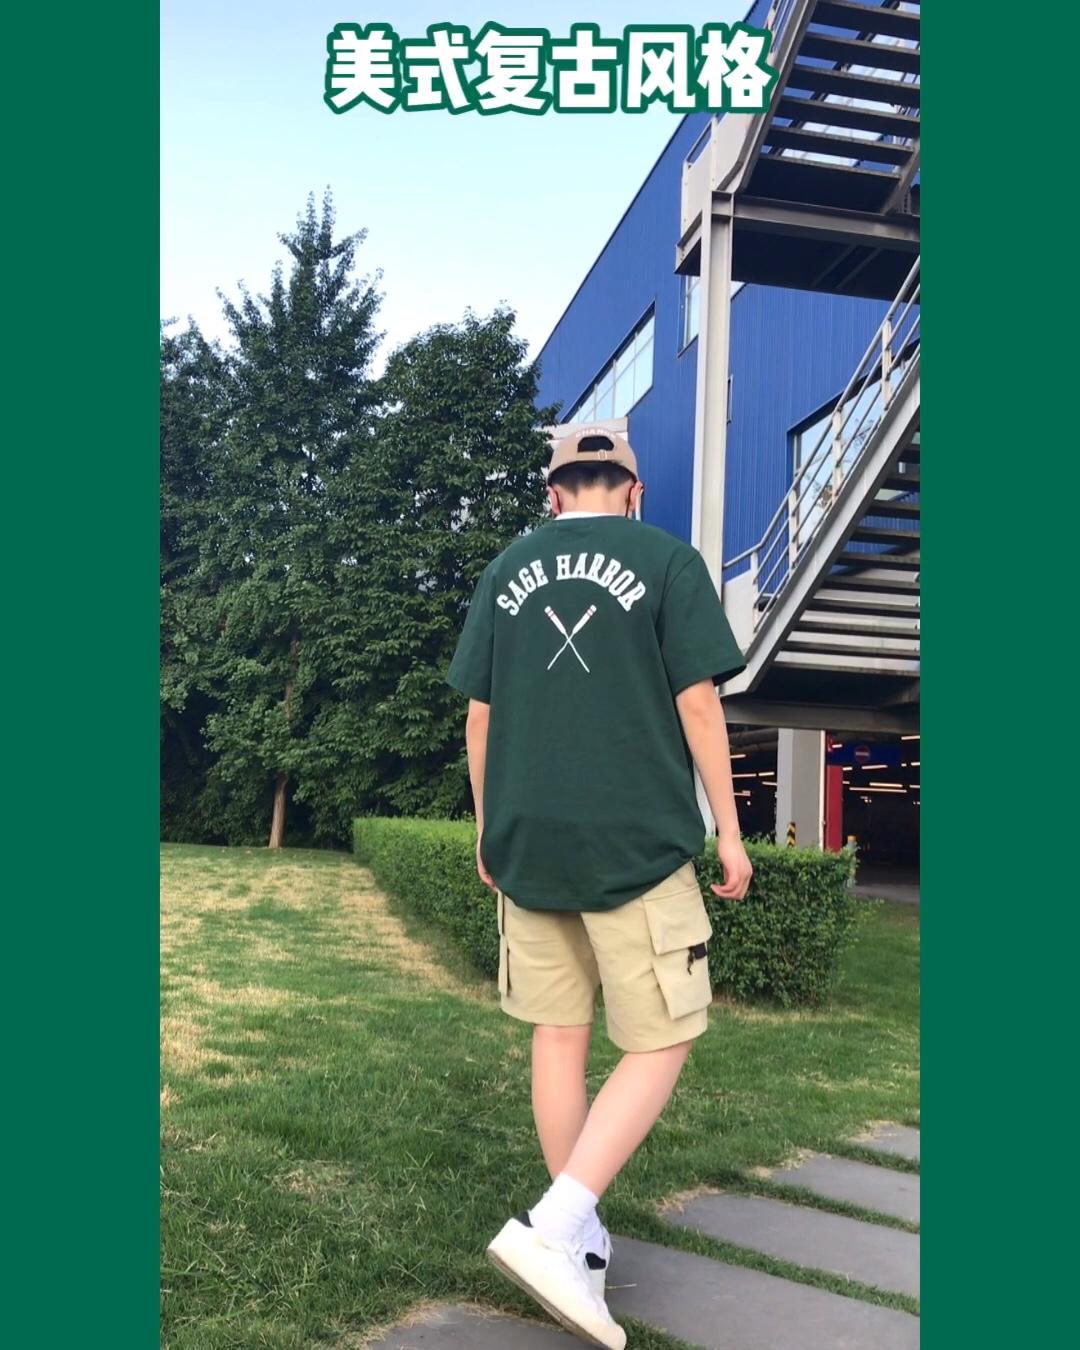 """#夏日消暑解热要靠""""绿""""# 墨绿色T恤,后背船桨印画T恤,美式校园复古风格,搭配工装裤牛仔裤都好看,很适合夏天的颜色,并且很显白 裤子和帽子都选了同一种色系,比较休闲,并且突出衣服的颜色,看着很凉快"""